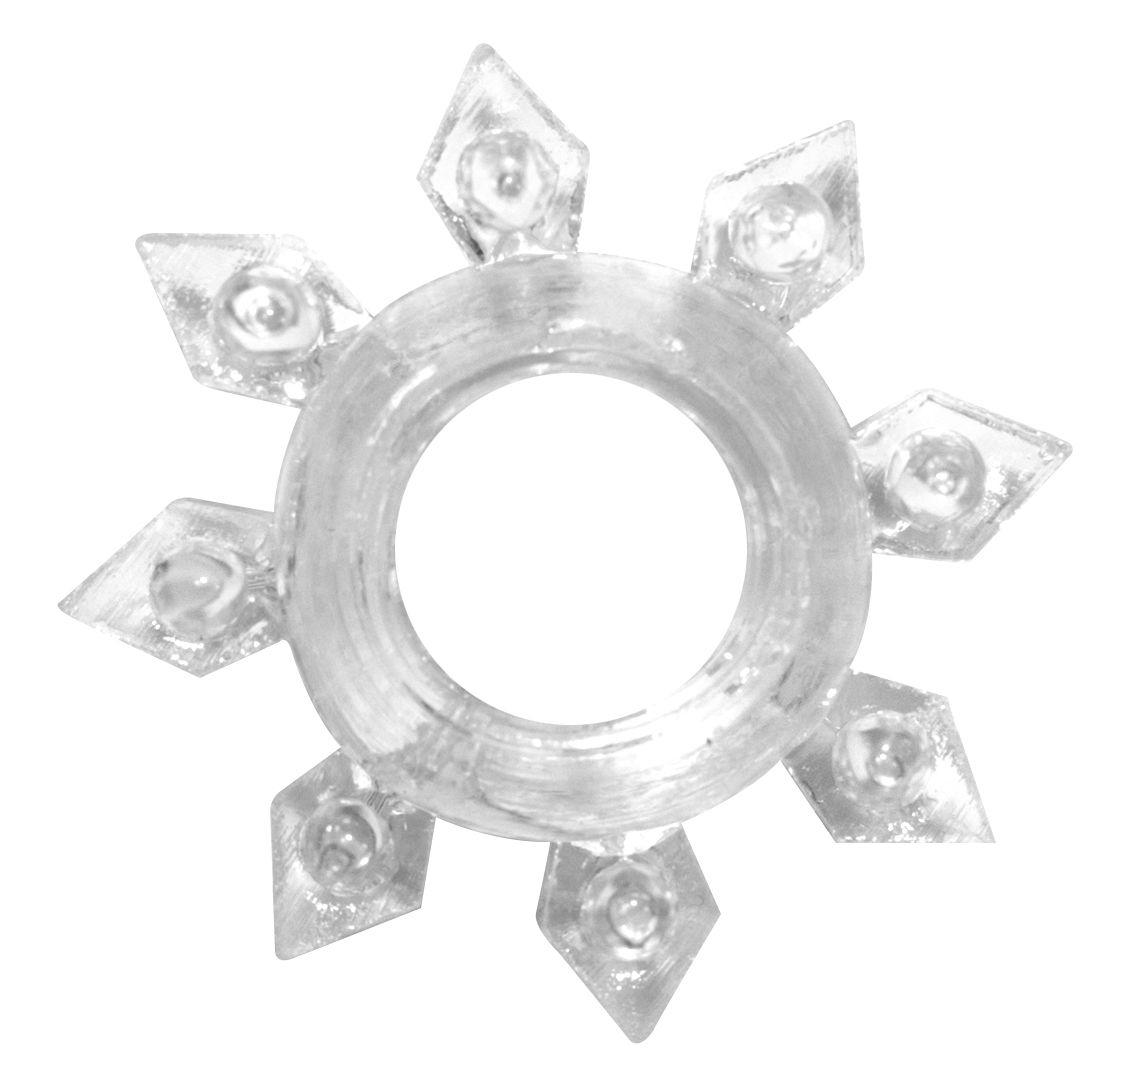 обычное эрекционное кольцо